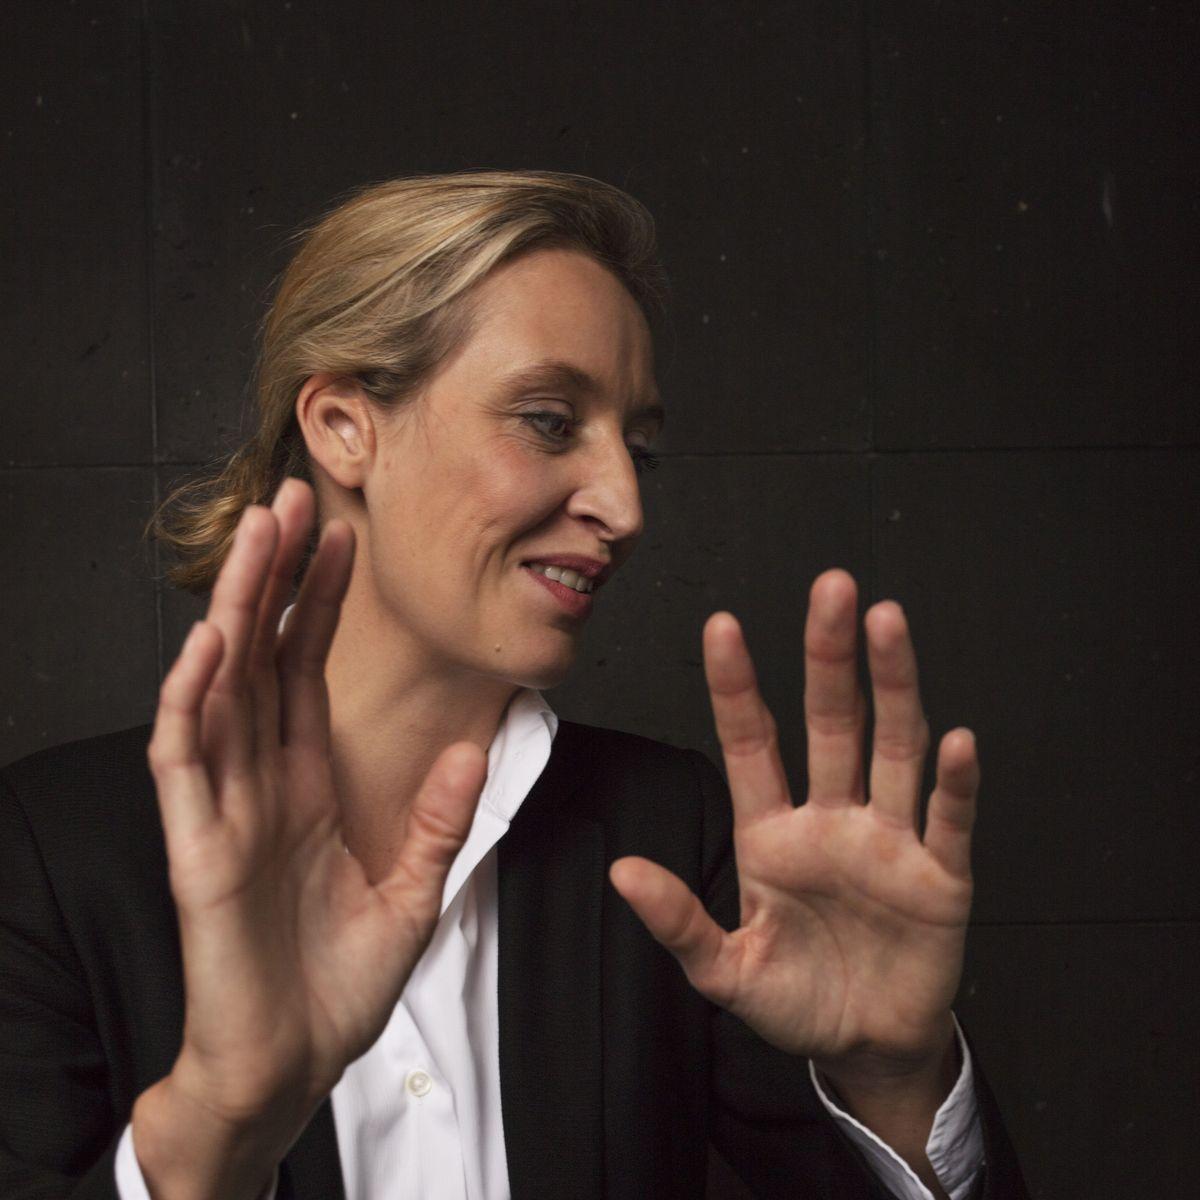 Heiße deutsche politikerinnen